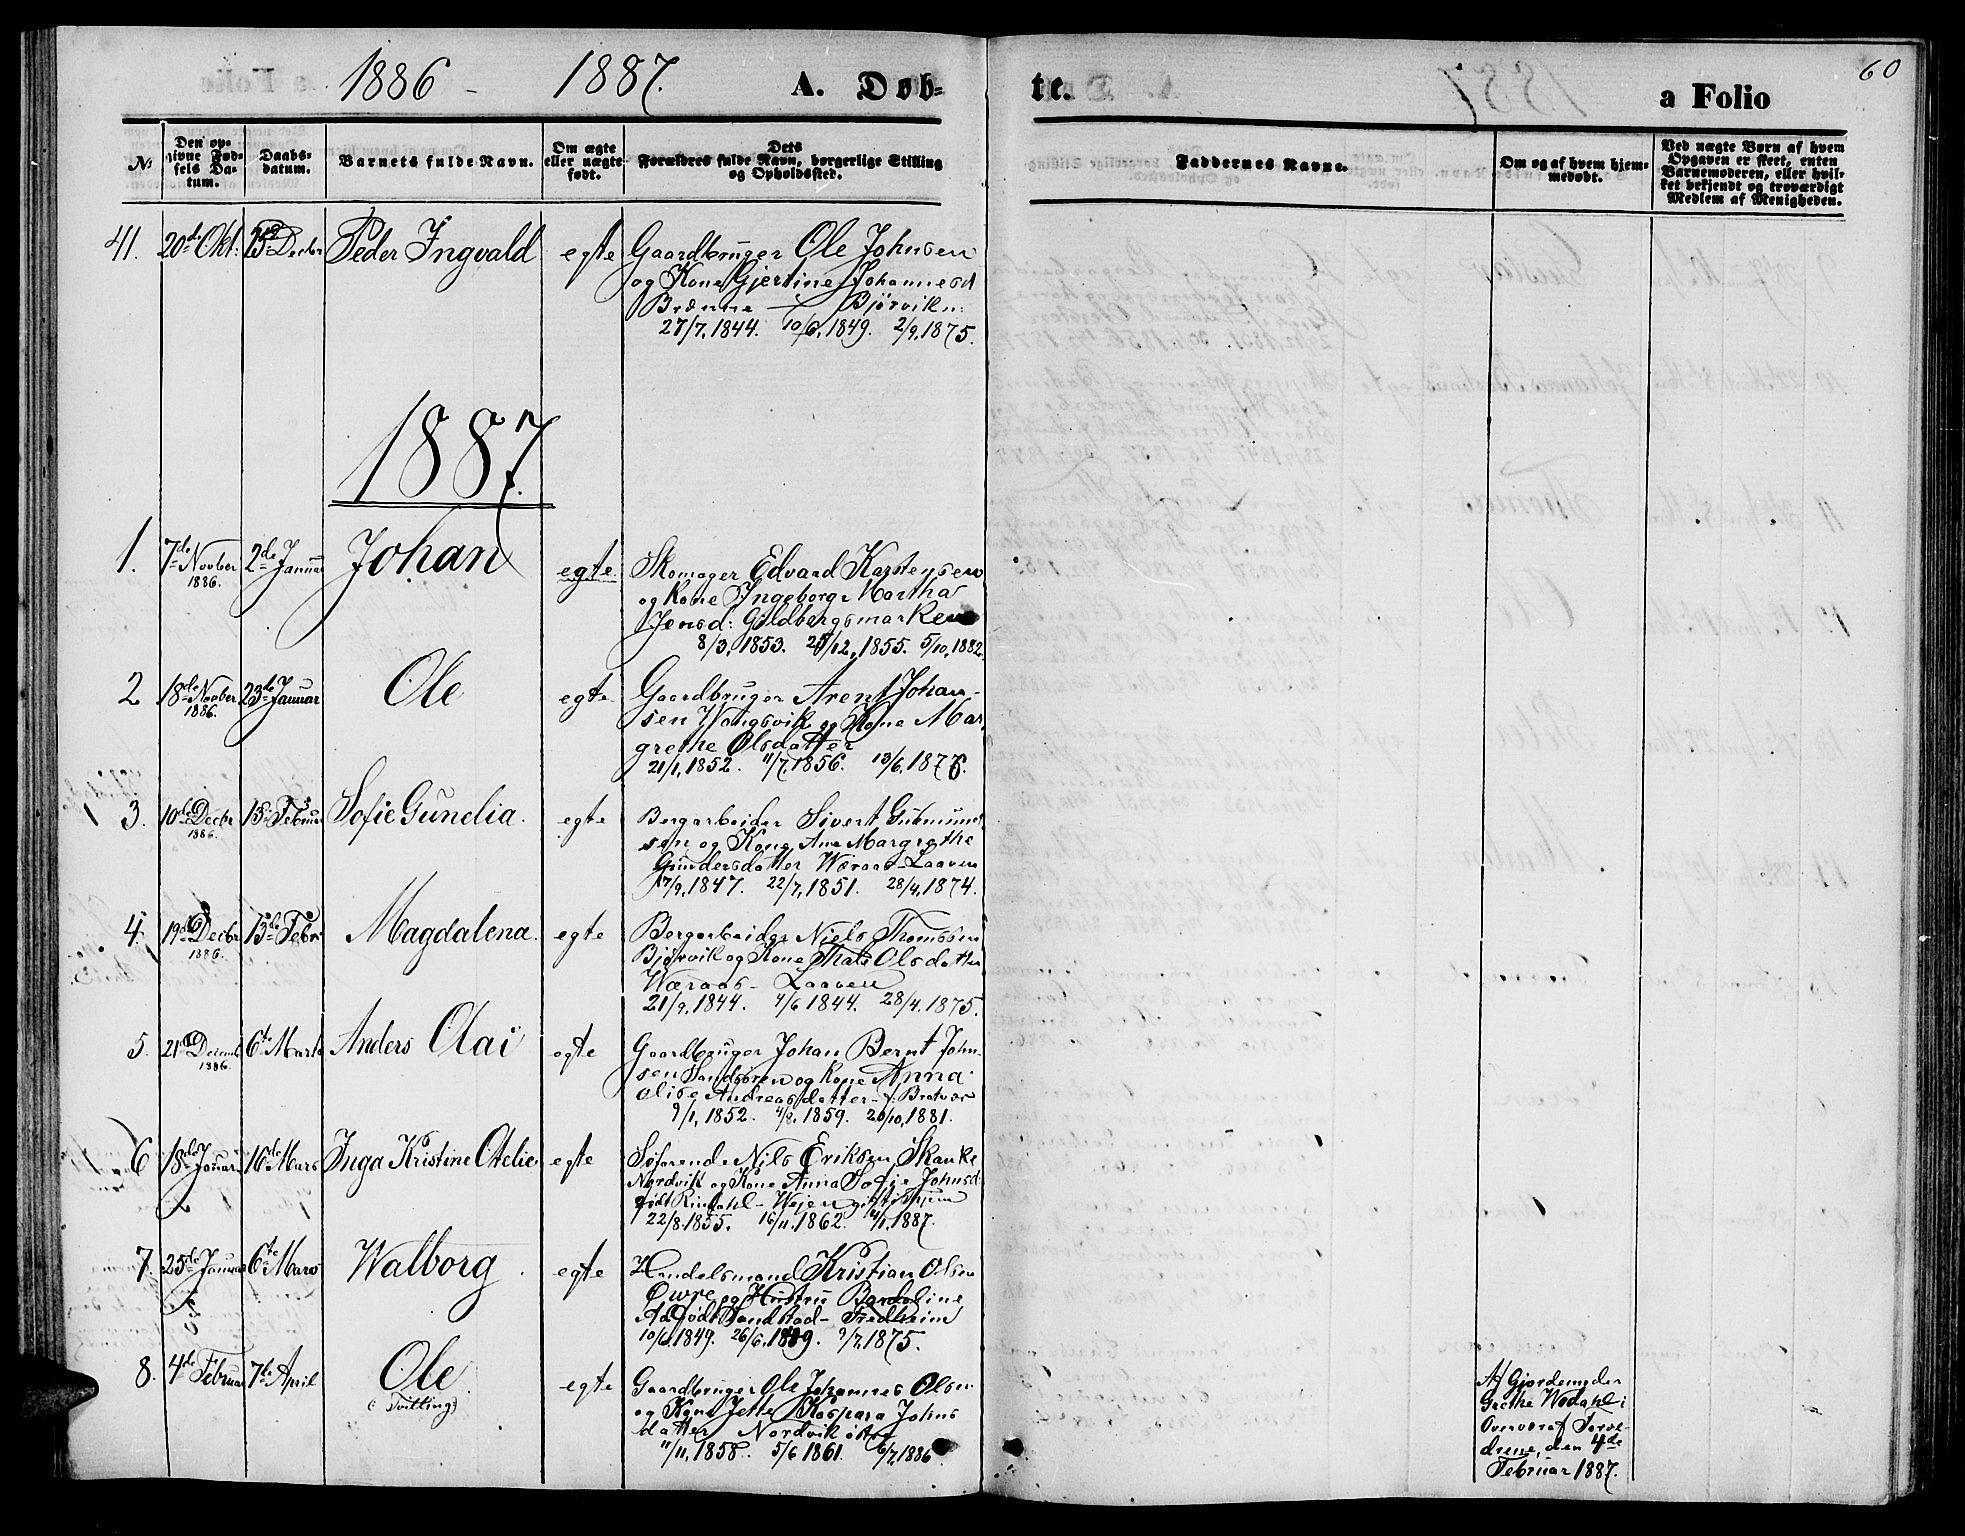 SAT, Ministerialprotokoller, klokkerbøker og fødselsregistre - Nord-Trøndelag, 722/L0225: Klokkerbok nr. 722C01, 1871-1888, s. 60